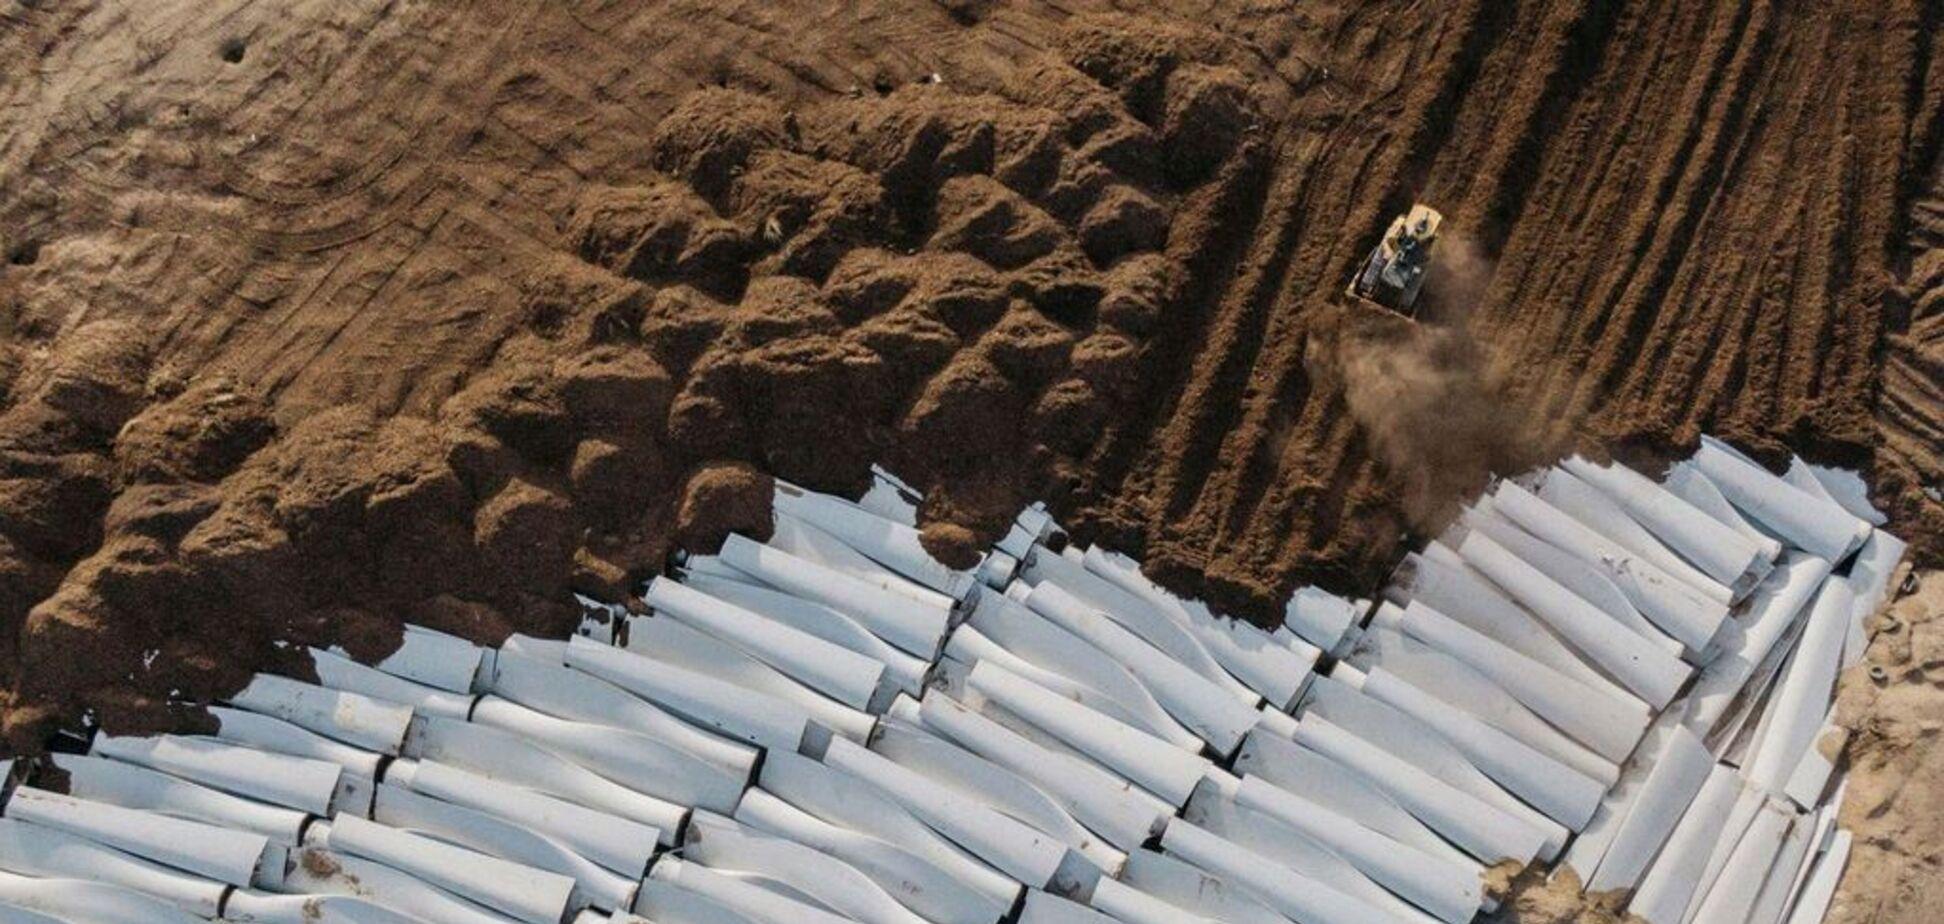 Кладовище вітру: в США знайшли полігон для утилізації гігантських вітрогенераторів